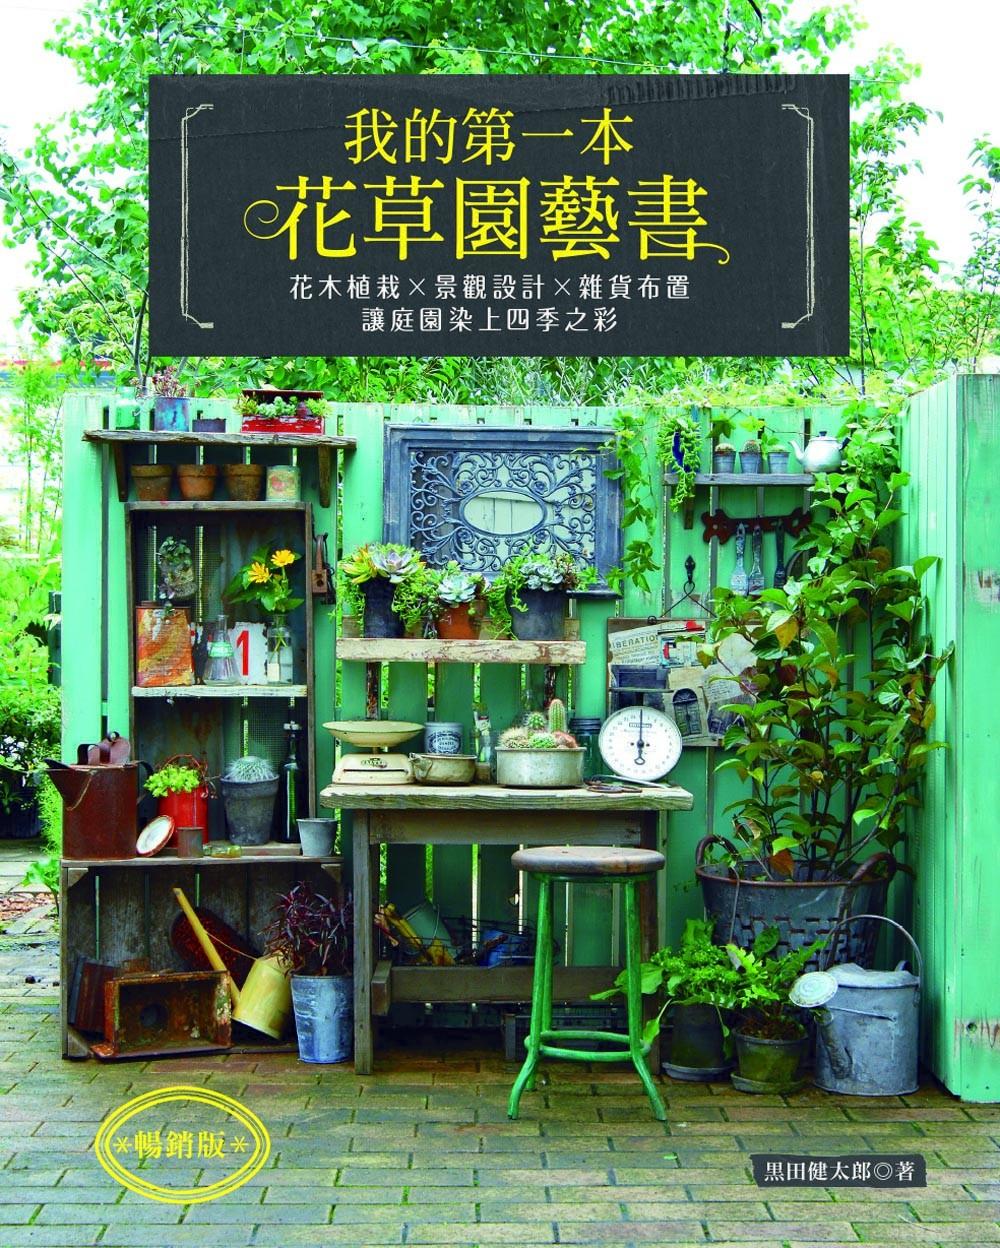 我的第一本花草園藝書(暢銷版):花木植栽x景觀設計x雜貨布置‧讓庭園染上四季之彩